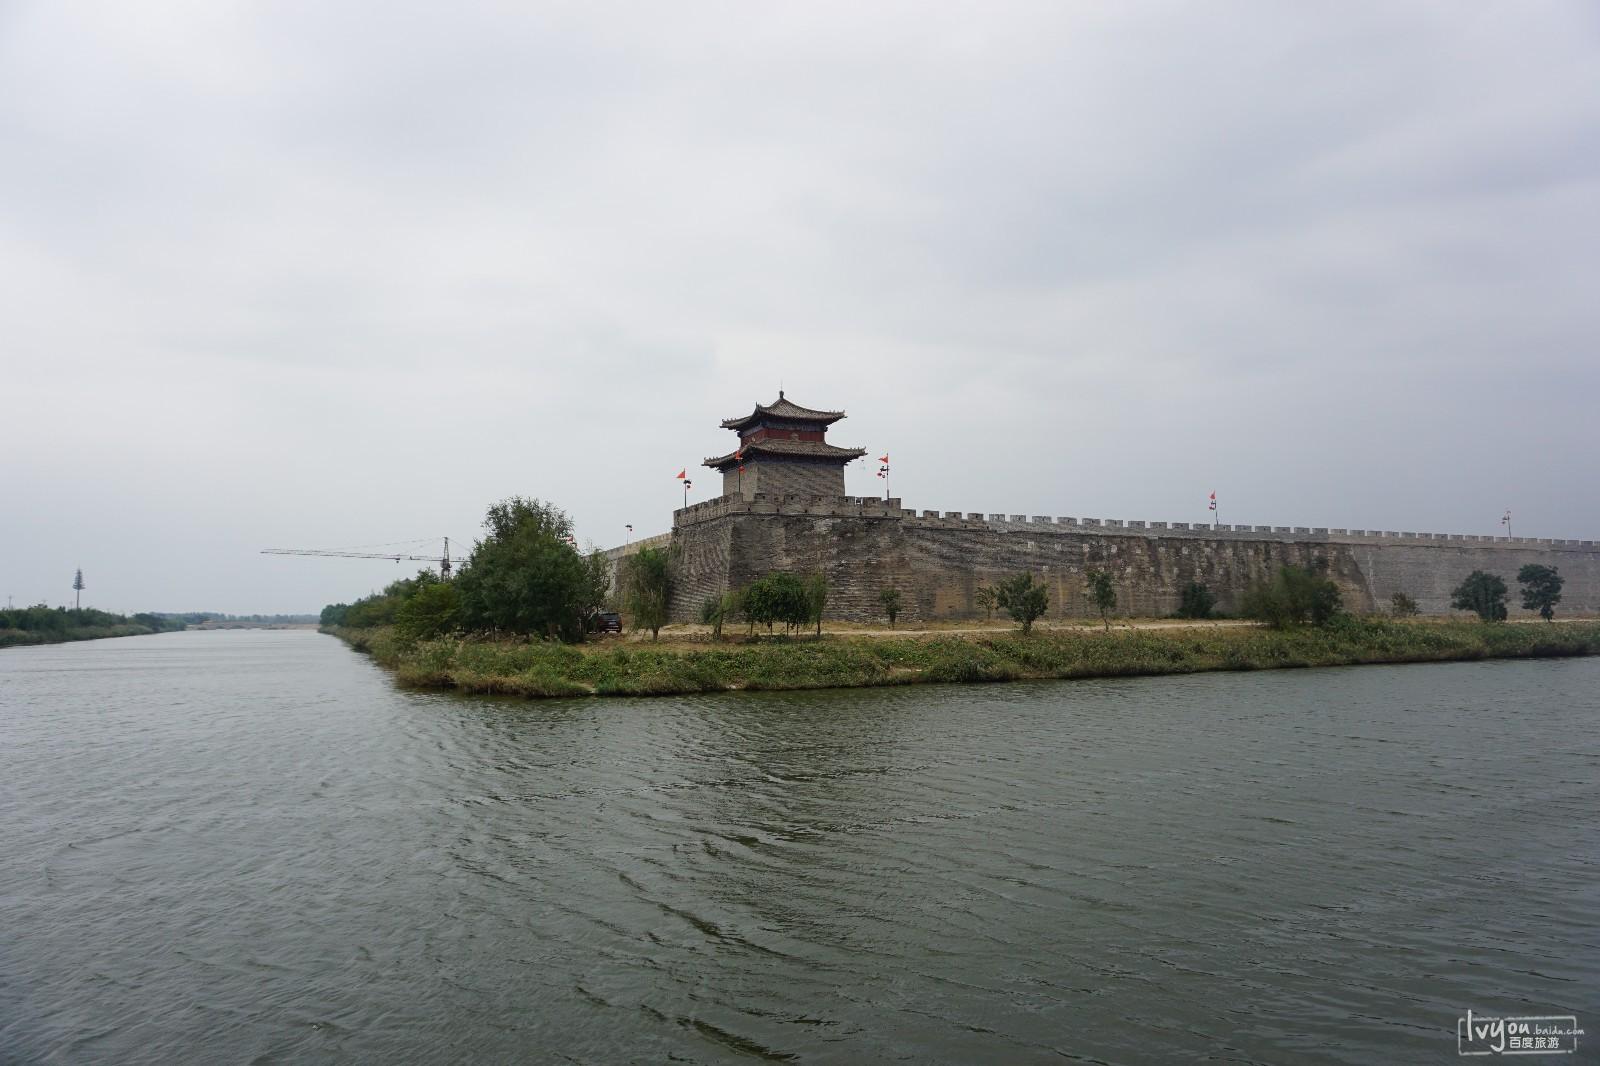 京娘湖<a href=http://www.huaxiacaixun.com/Trave/ target=_blank class=infotextkey>旅游</a>攻略图片40